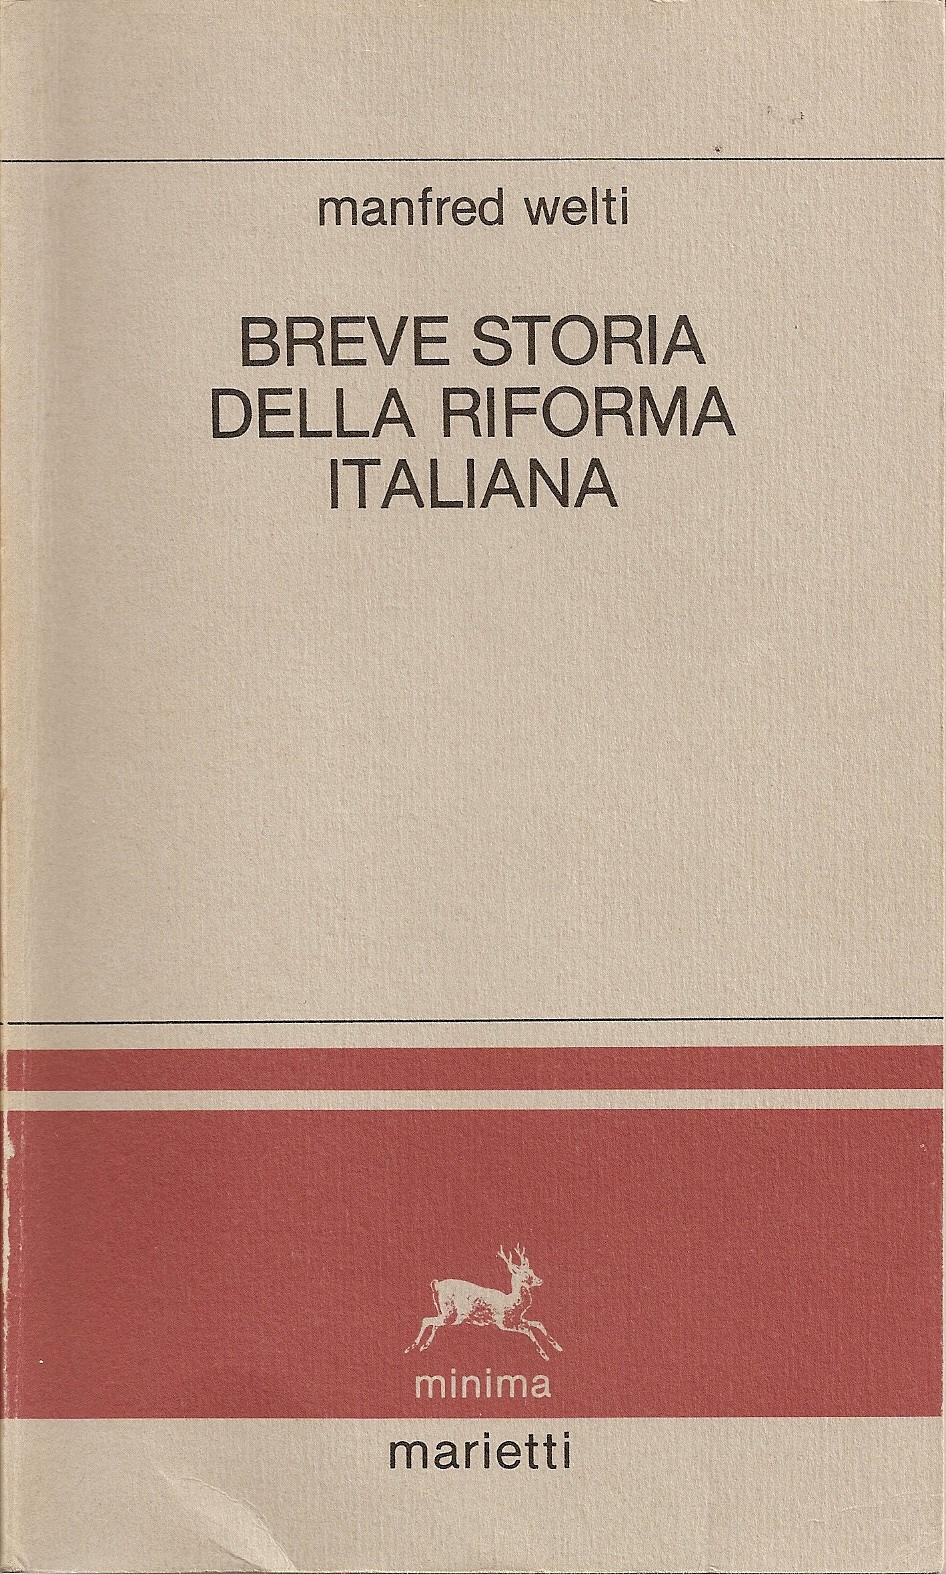 Breve storia della riforma italiana